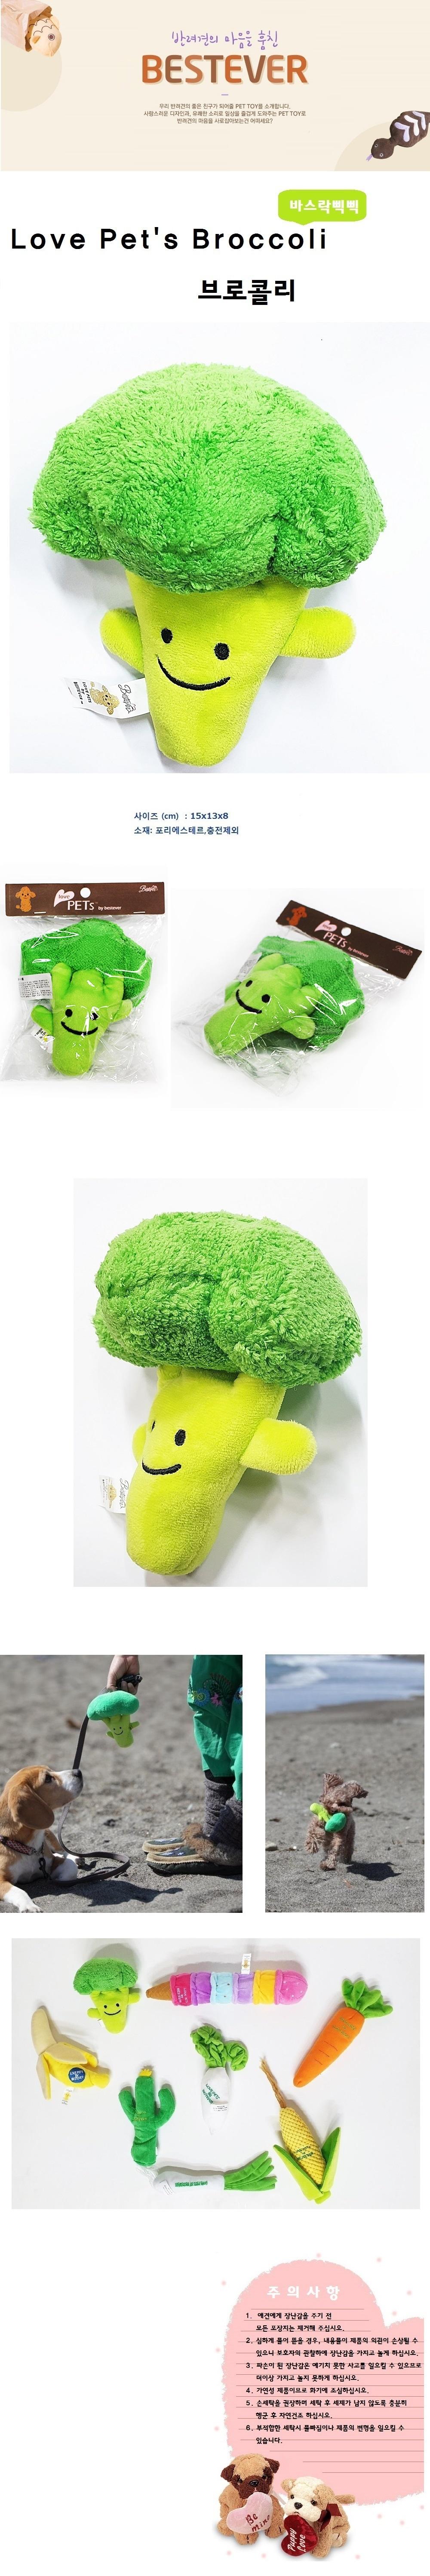 베스트에버 바스락 삑삑 장난감 브로콜리-상품이미지-0